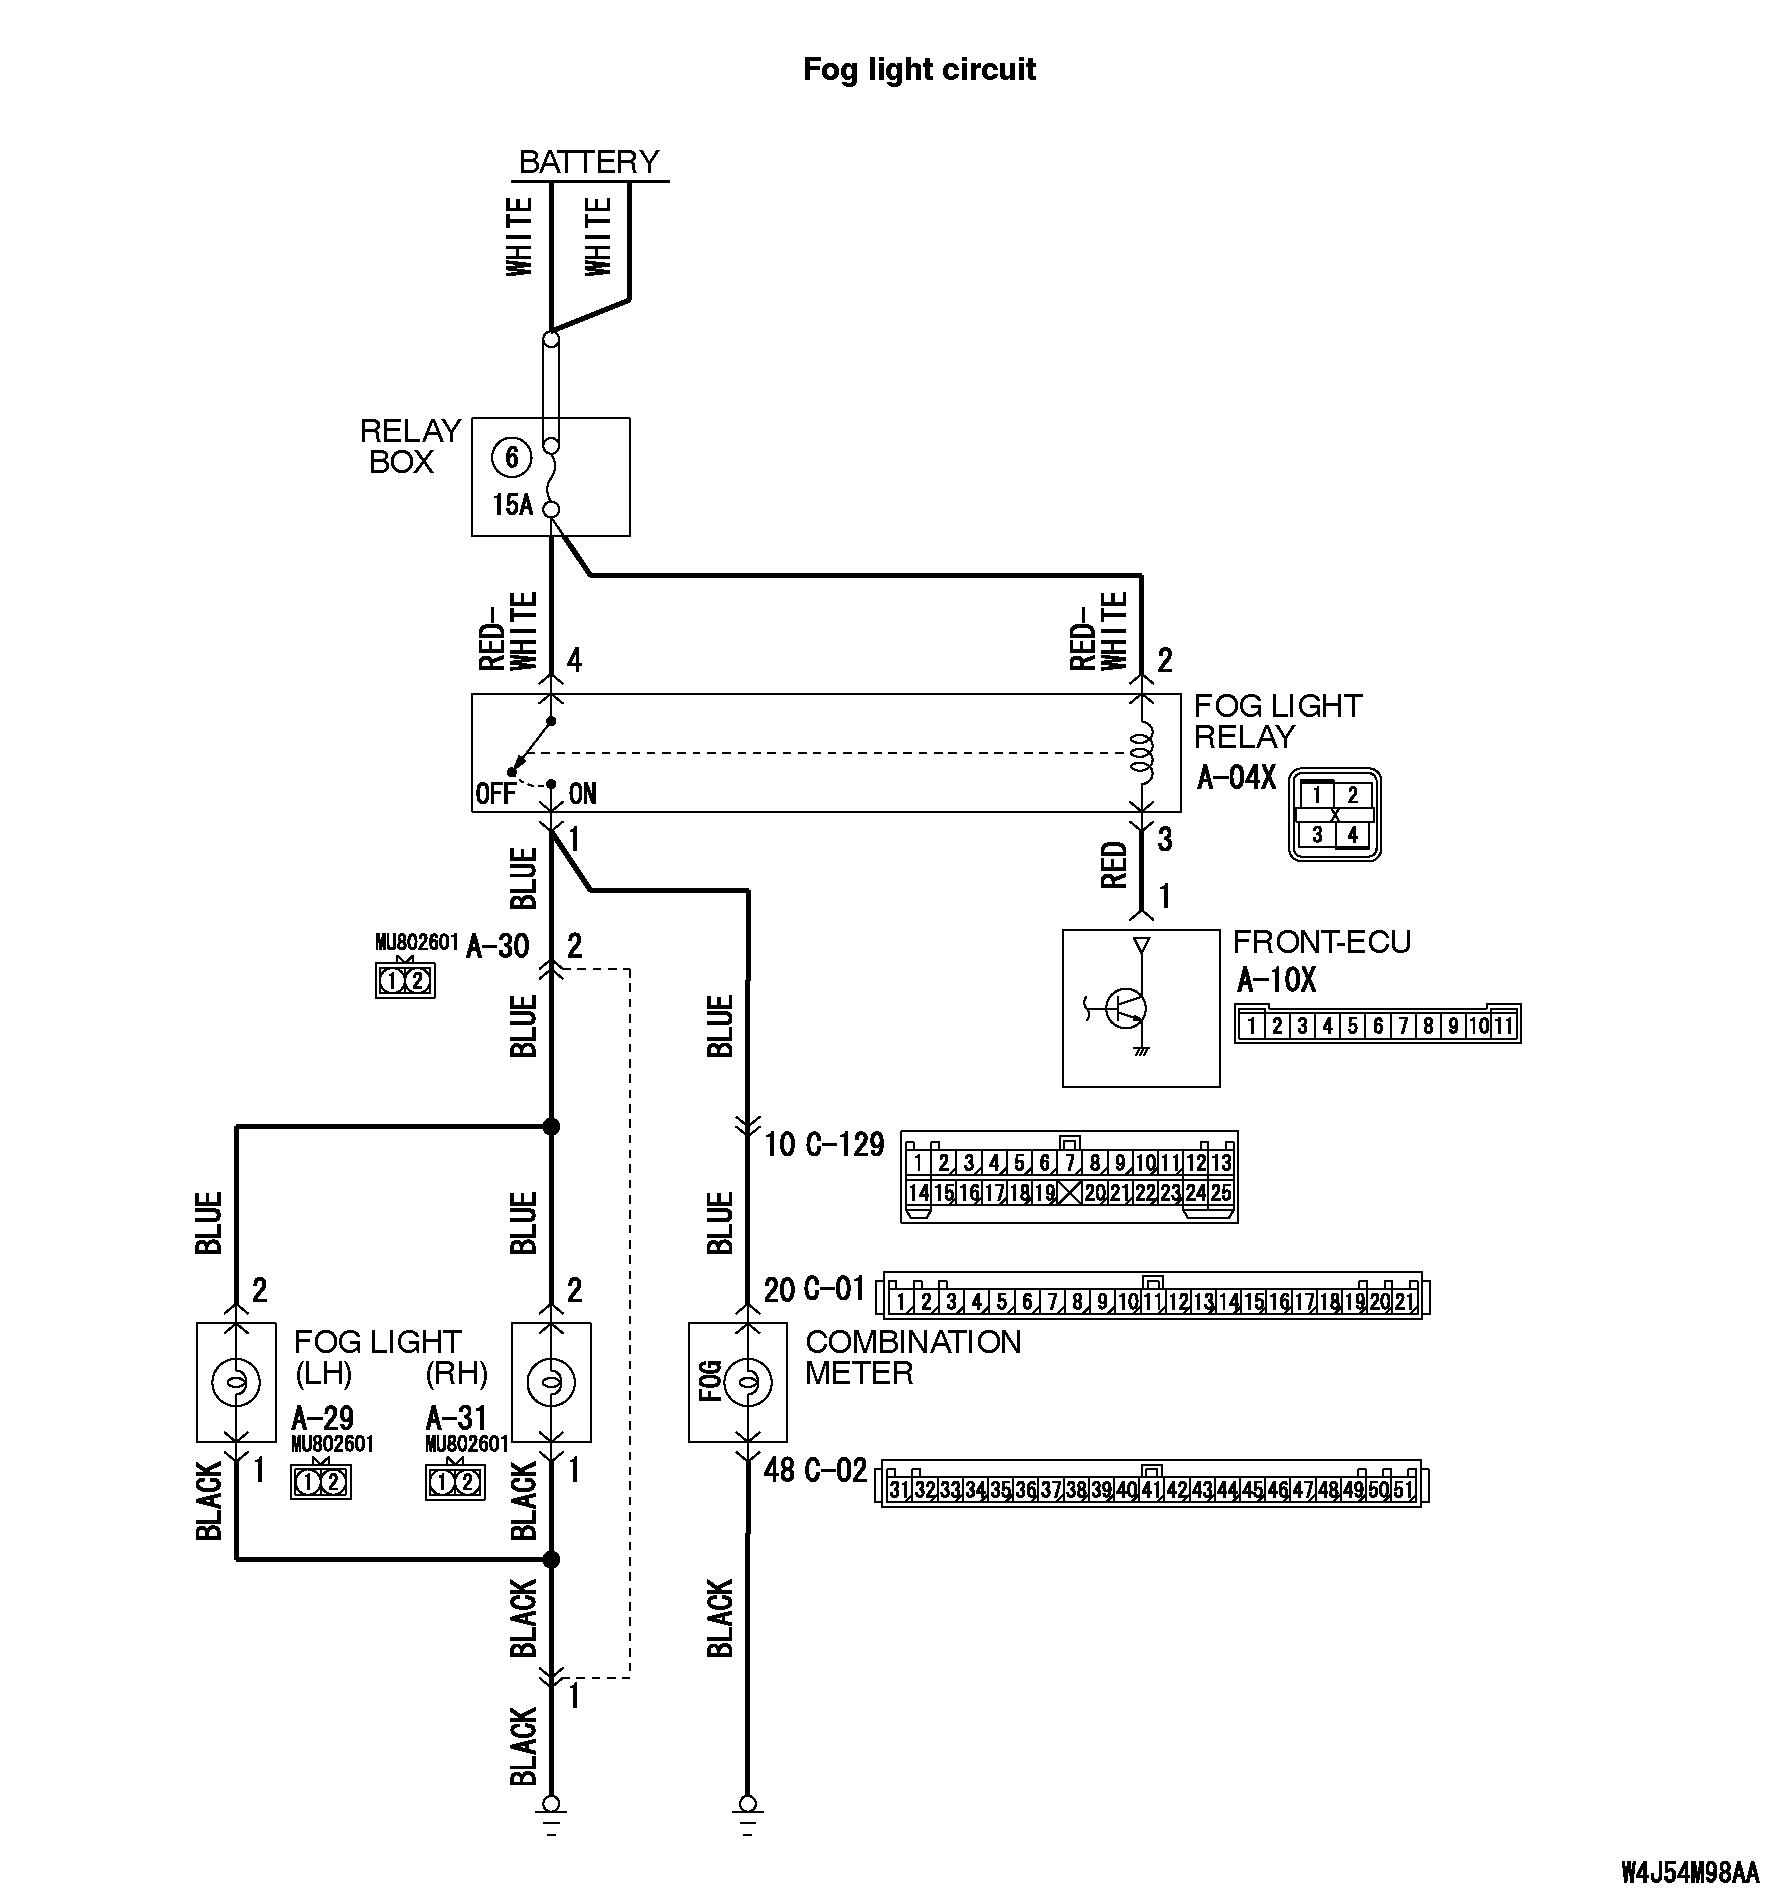 Appealing Wiring Diagram For Dimarzio Dp216 Ideas - Schematic ... on hobart c44a wiring schematic, hobart dishwasher electrical wiring, hobart parts, hobart dishwasher schematics,